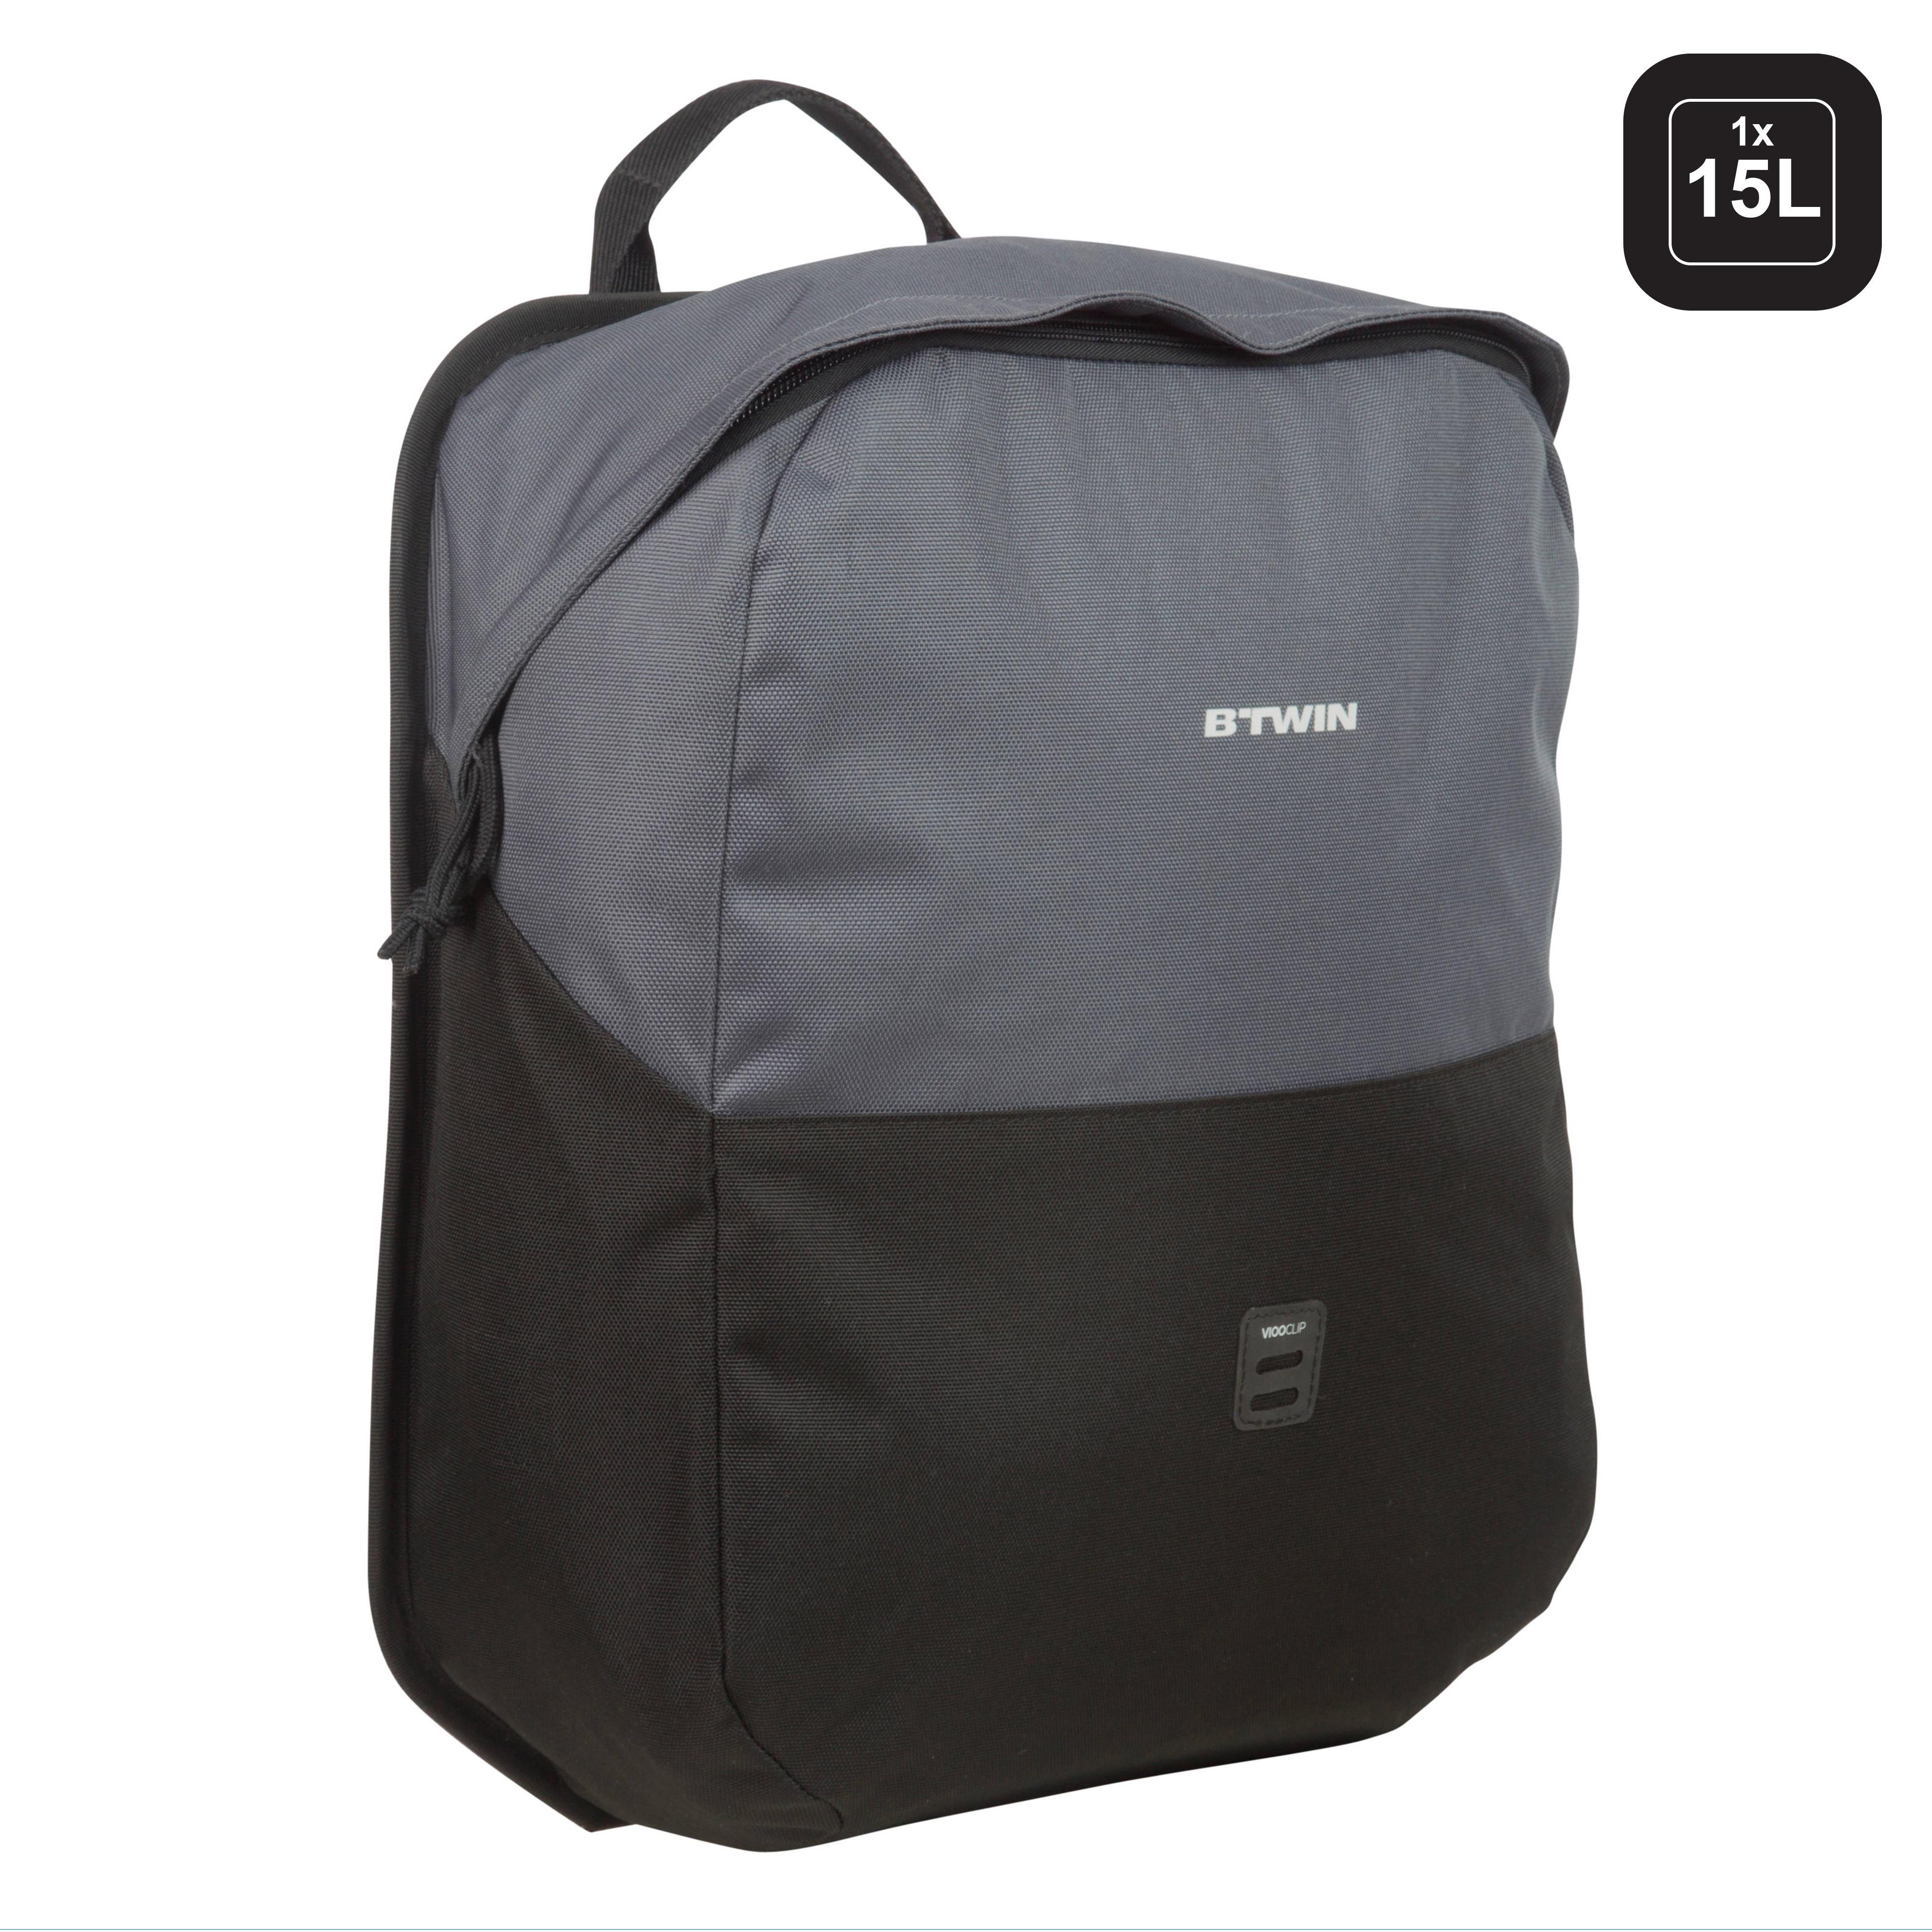 B'twin Fietstas voor in de stad 100 15 liter voor bagagedrager kopen? Leest dit eerst: Fietsaccessoires Fietsmanden en fietstassen/Fietstassen met korting